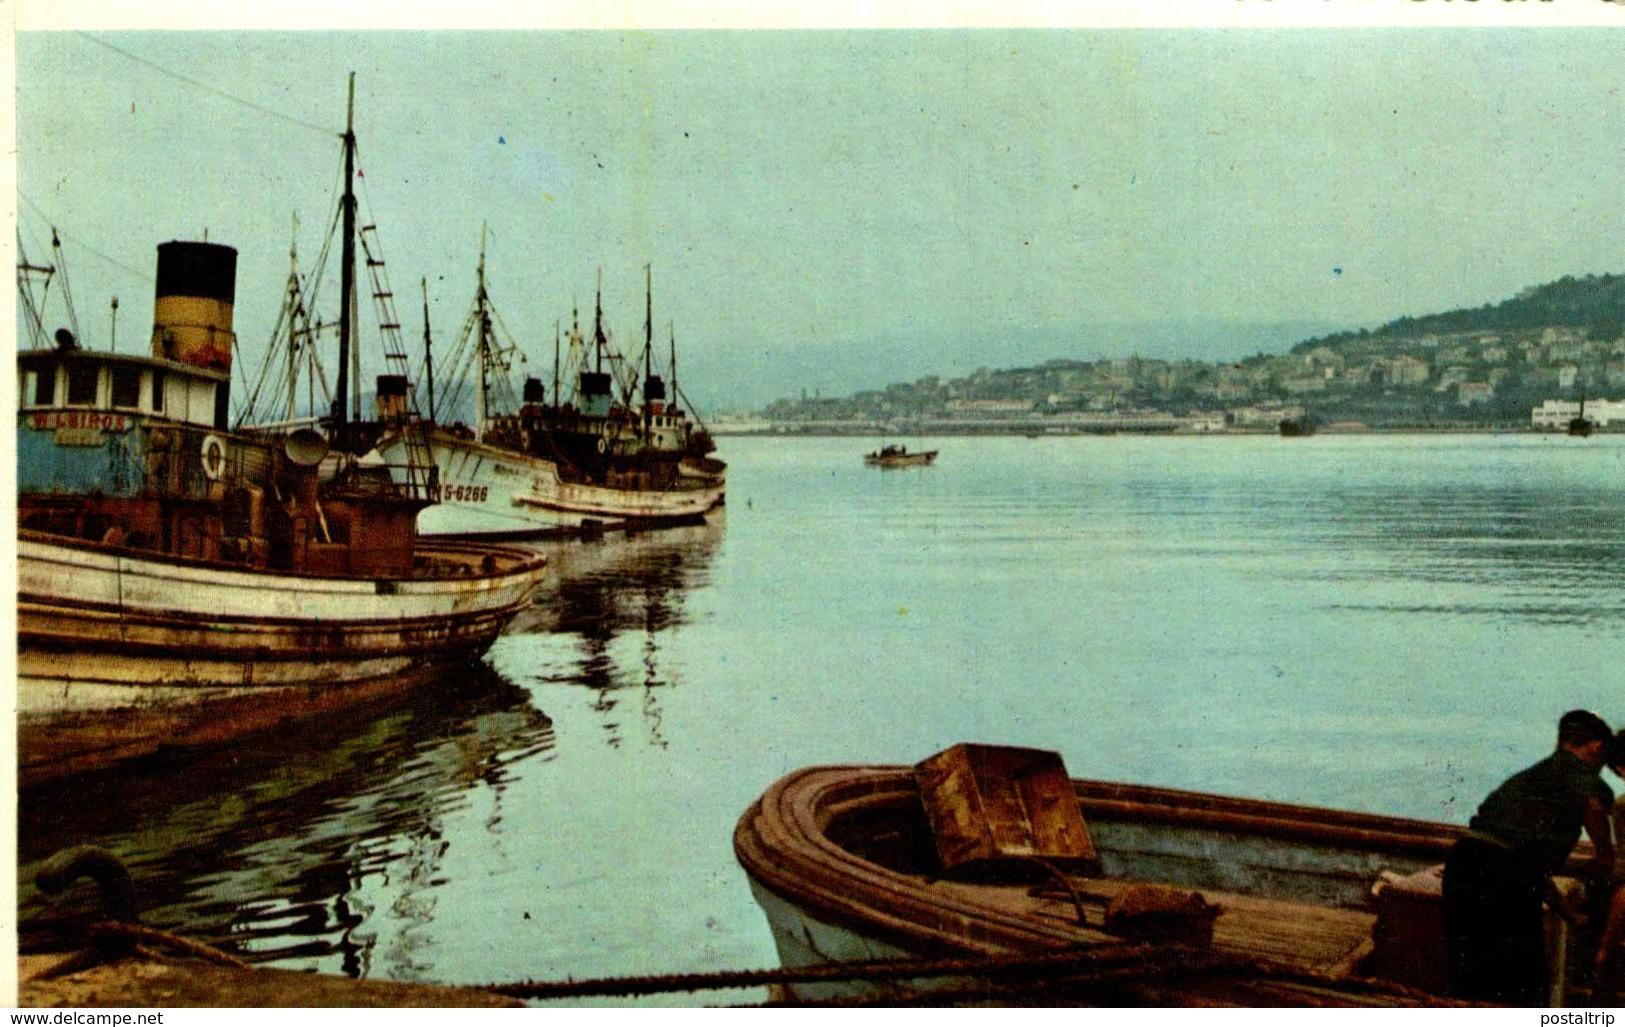 VIGO  DETAILLE DEL PUERTO    GALICIA   ESPAÑA - La Coruña